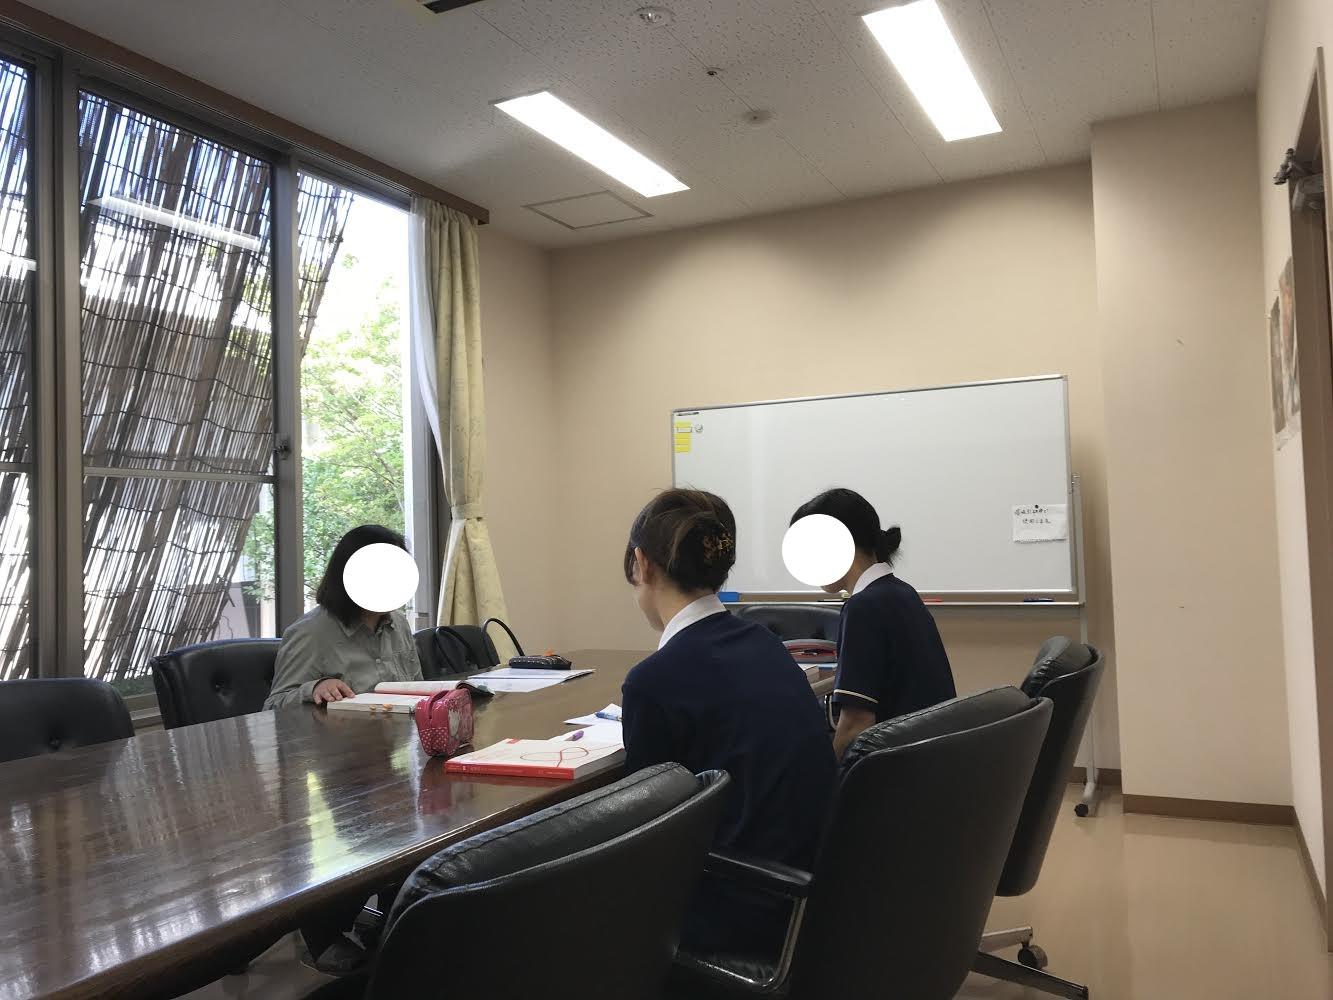 熊本県玉名市 特別養護老人ホーム(2班目)様